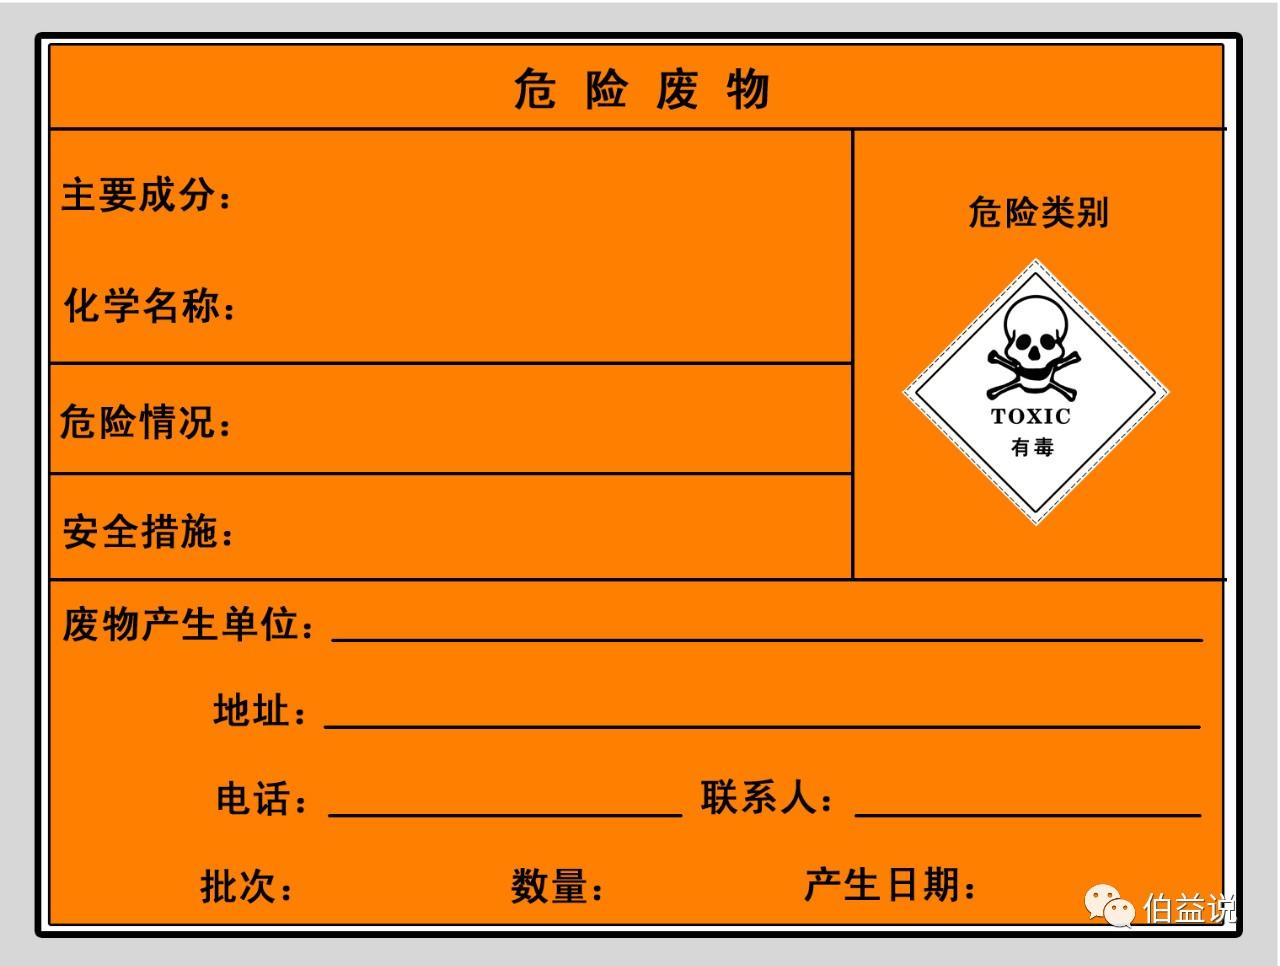 企业排污口、废水、废气、噪声、固废标志牌设置要求请对照